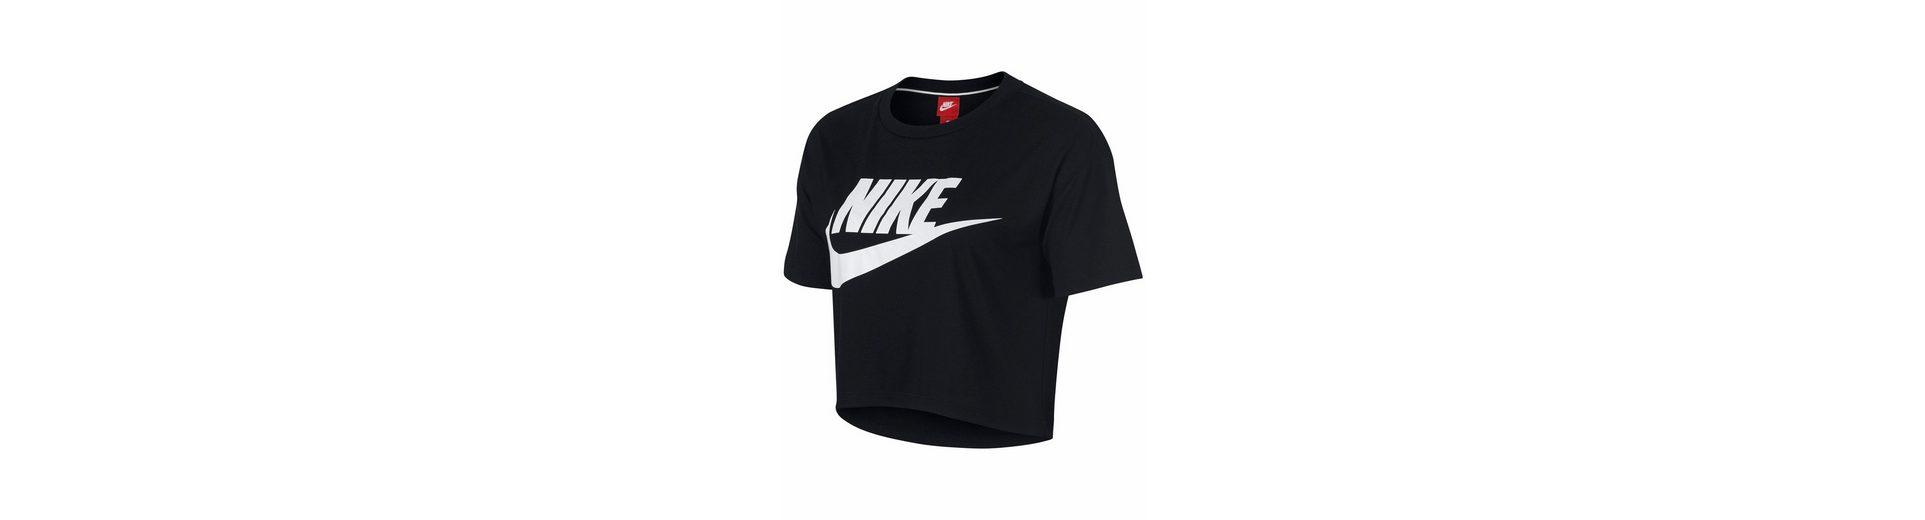 Nike Sportswear Crop-Top NSW ESSENTIAL TOP CROP SHORTSLEEVE